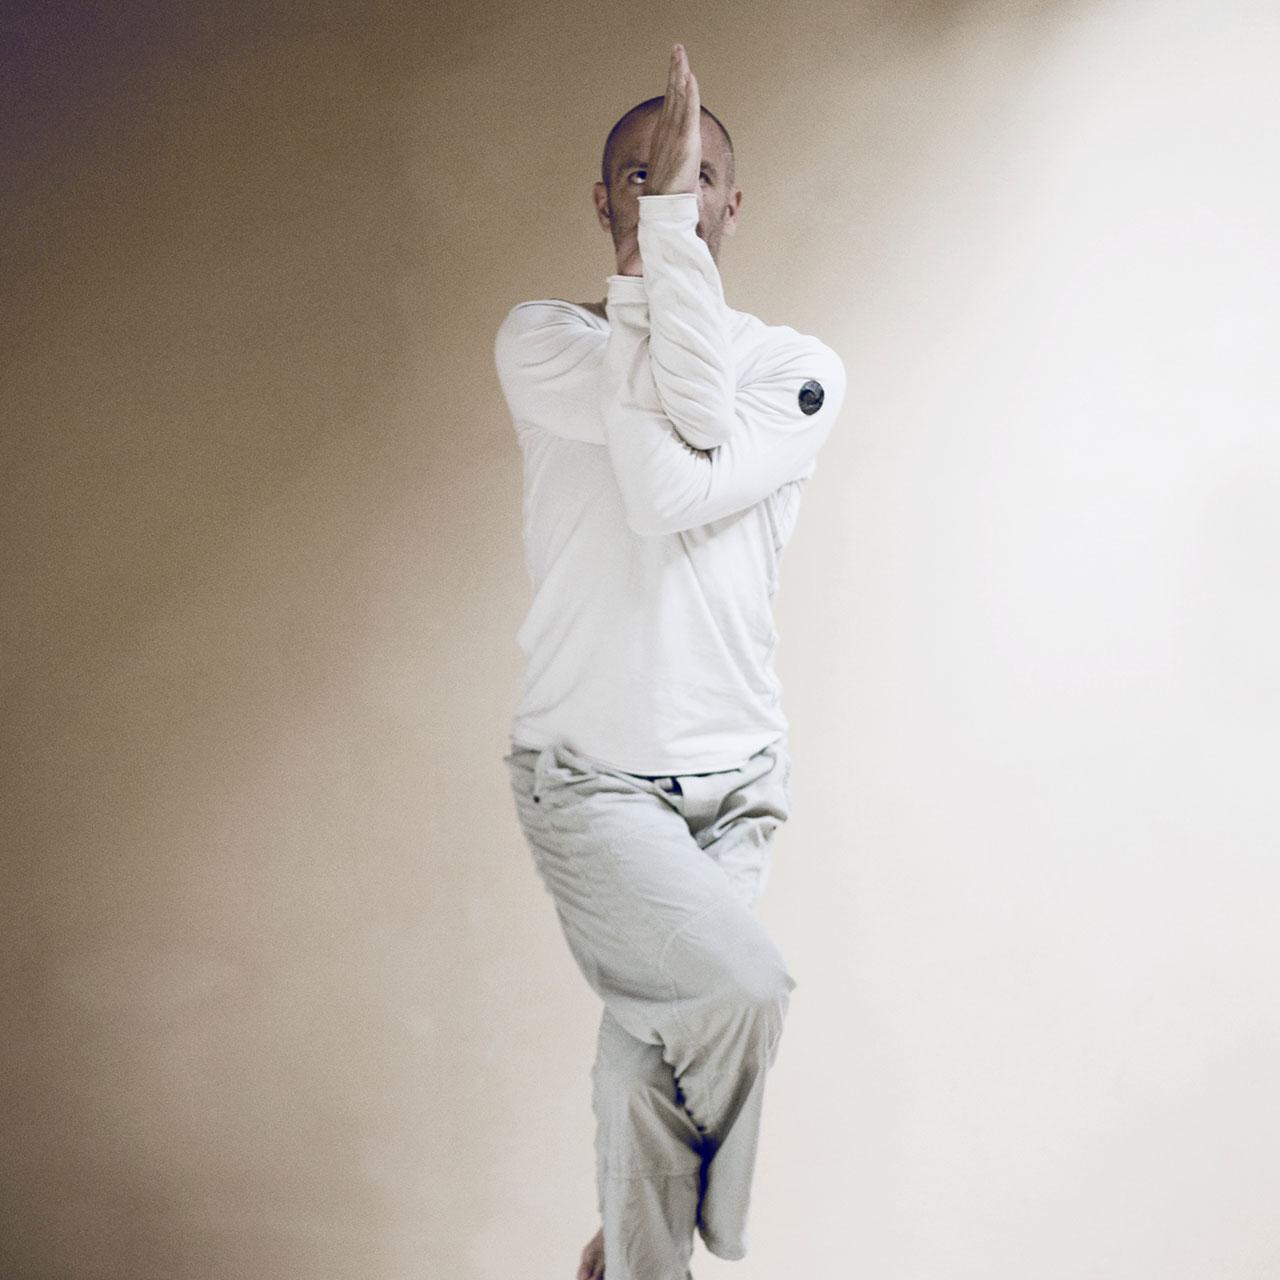 Richard Neururer –Yoga Neururer –Slider Bild